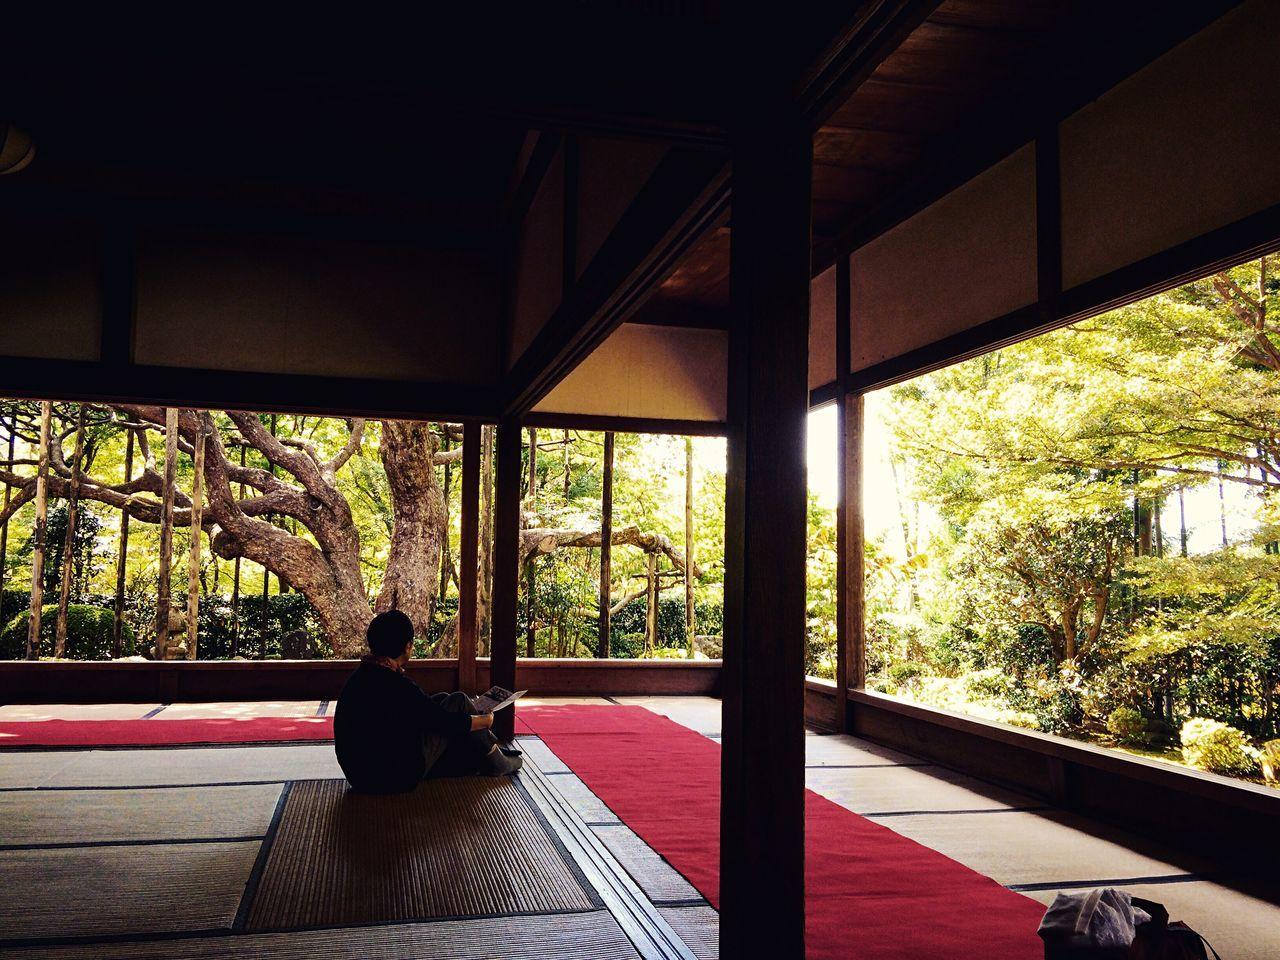 宝泉院 大原 京都 Kyoto Kyoto, Japan 2015  Relaxing Hello World Kyoto Garden Japanese Garden Travel Travel Destinations Kyototravel Enjoying Life